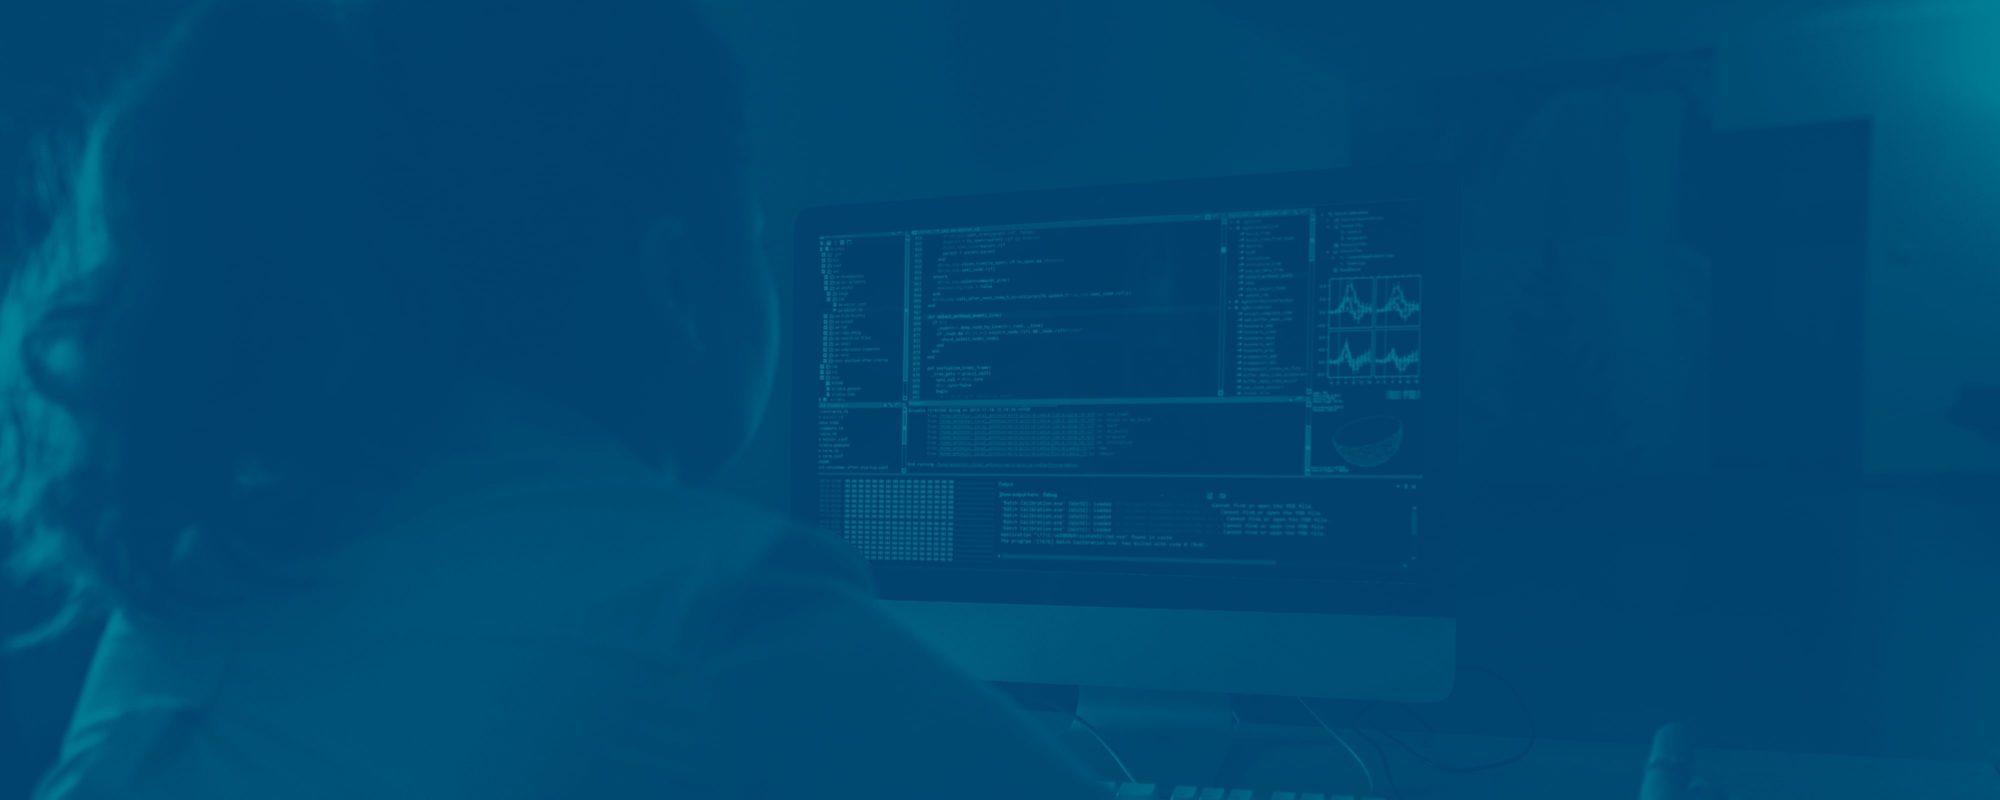 https://www.itecfp.com/wp-content/uploads/2020/07/Banner-DAW-Dual-min.jpg